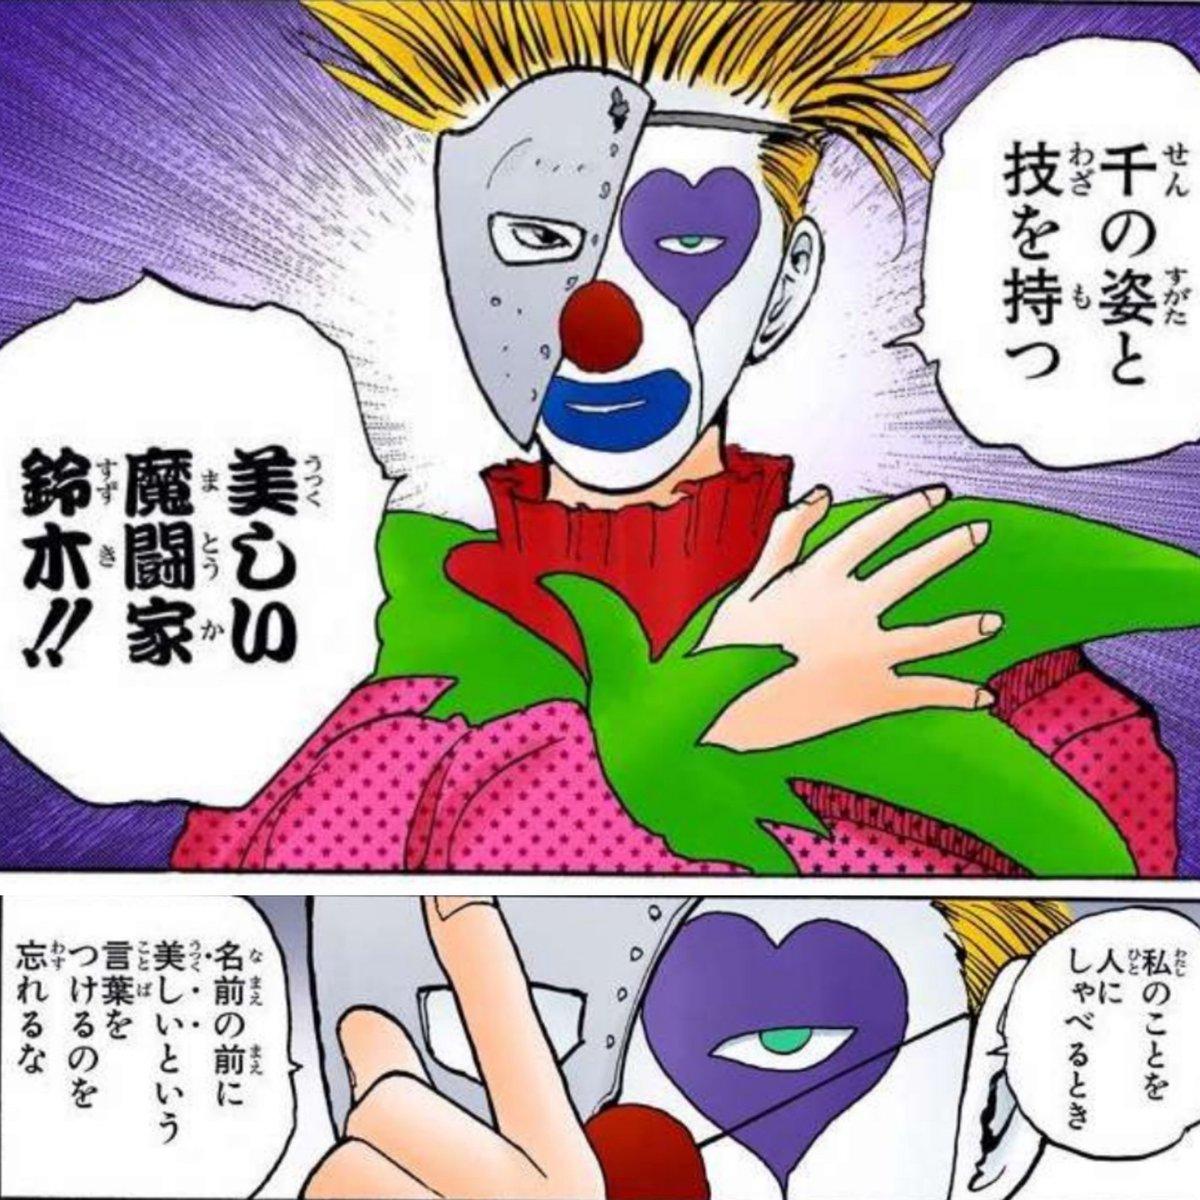 """絶倫堕 on Twitter: """"美しい魔闘家鈴木 私のことを人にしゃべるとき ..."""